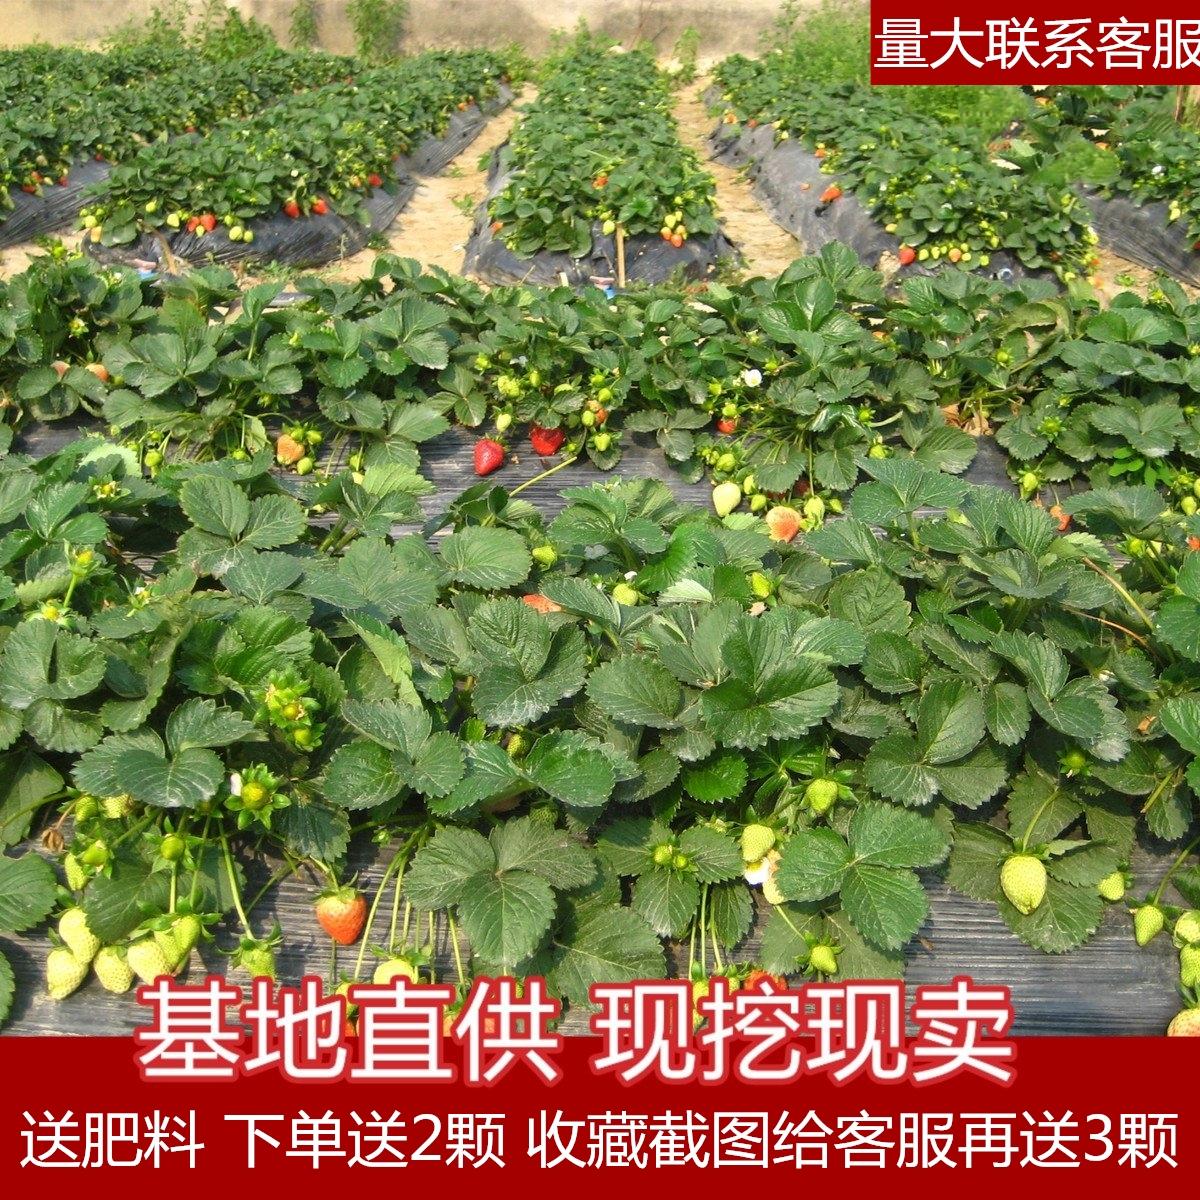 脱毒四季草莓苗牛奶油草莓秧四季结果树带土带盆栽好大棚栽食用